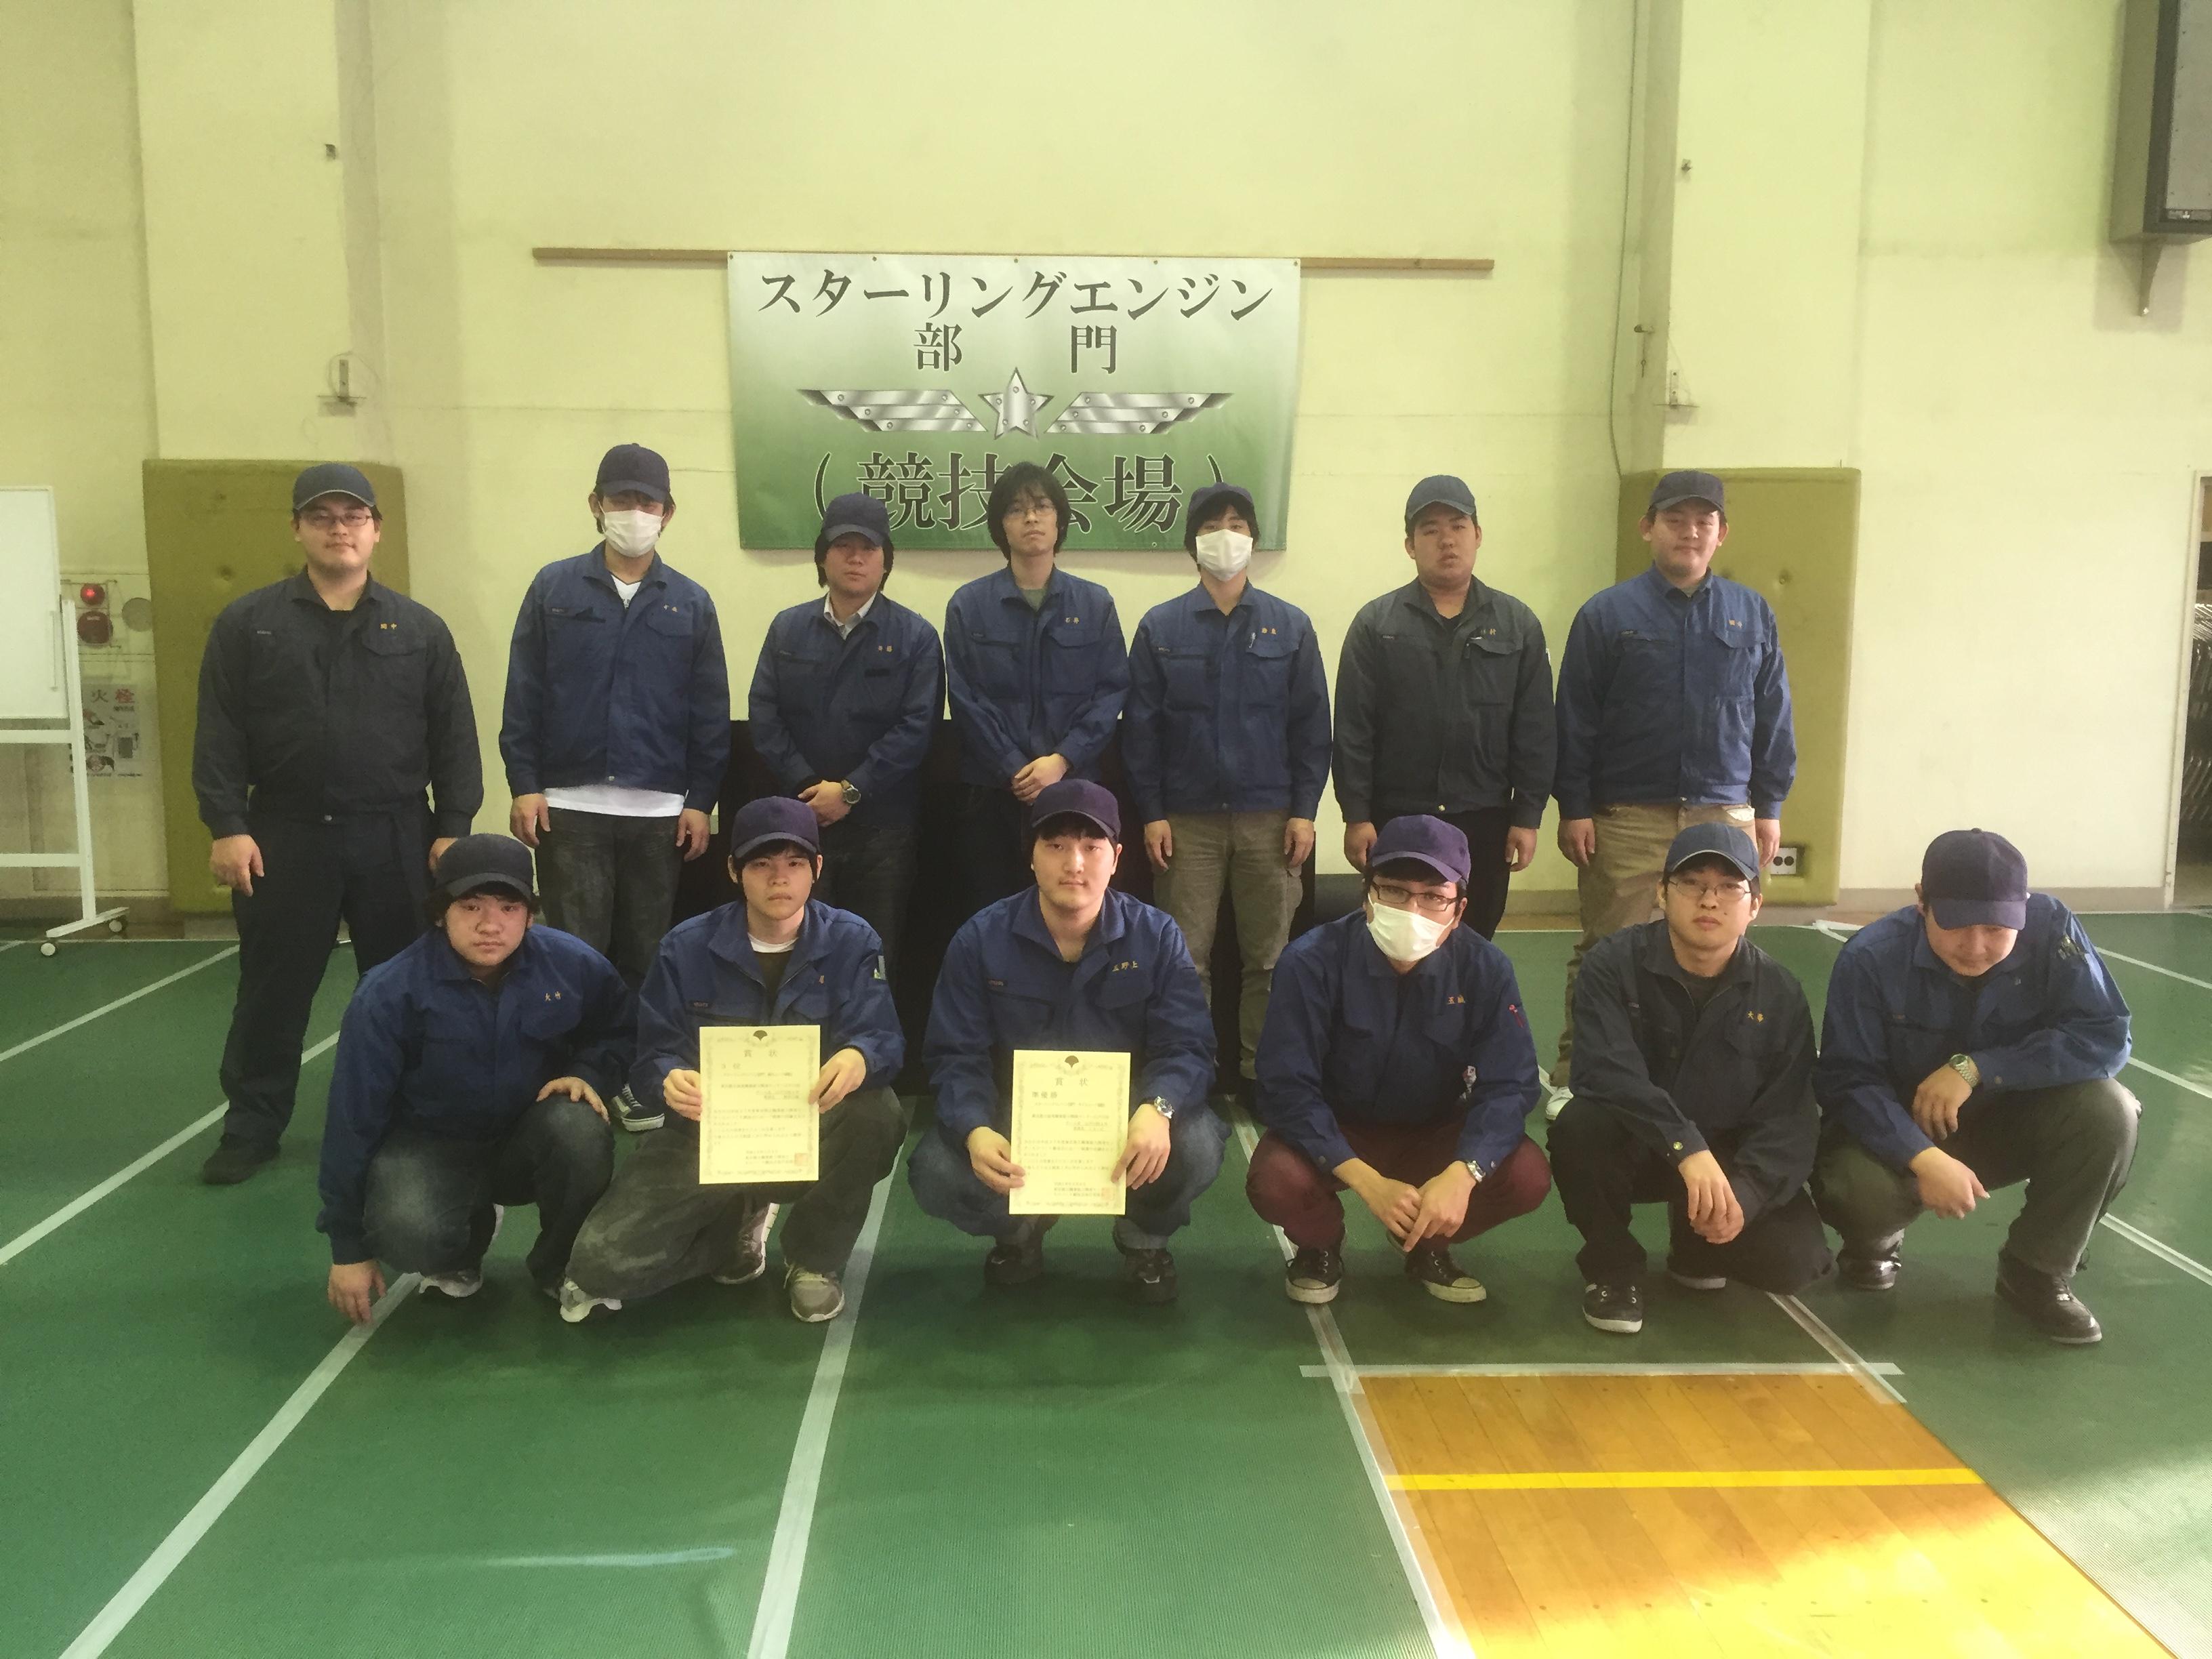 お知らせ | 東京都立城東職業能力開発センター 江戸川校